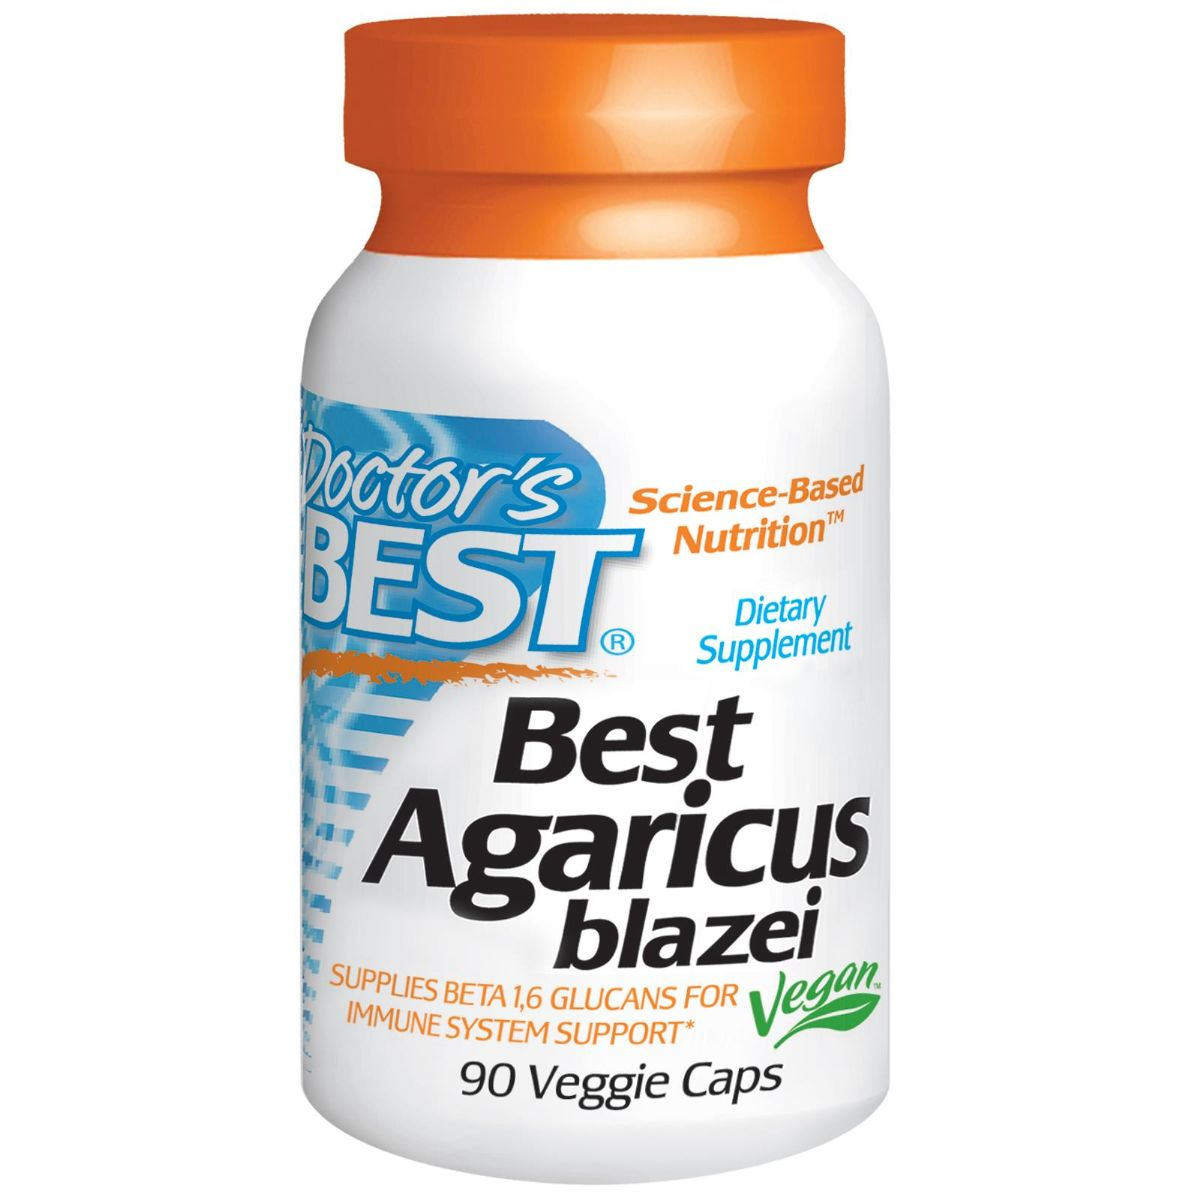 Viên uống Best Agaricus Blazei bổ sung dưỡng chất giúp tăng cường sức khỏe của hãng Doctor's Best từ